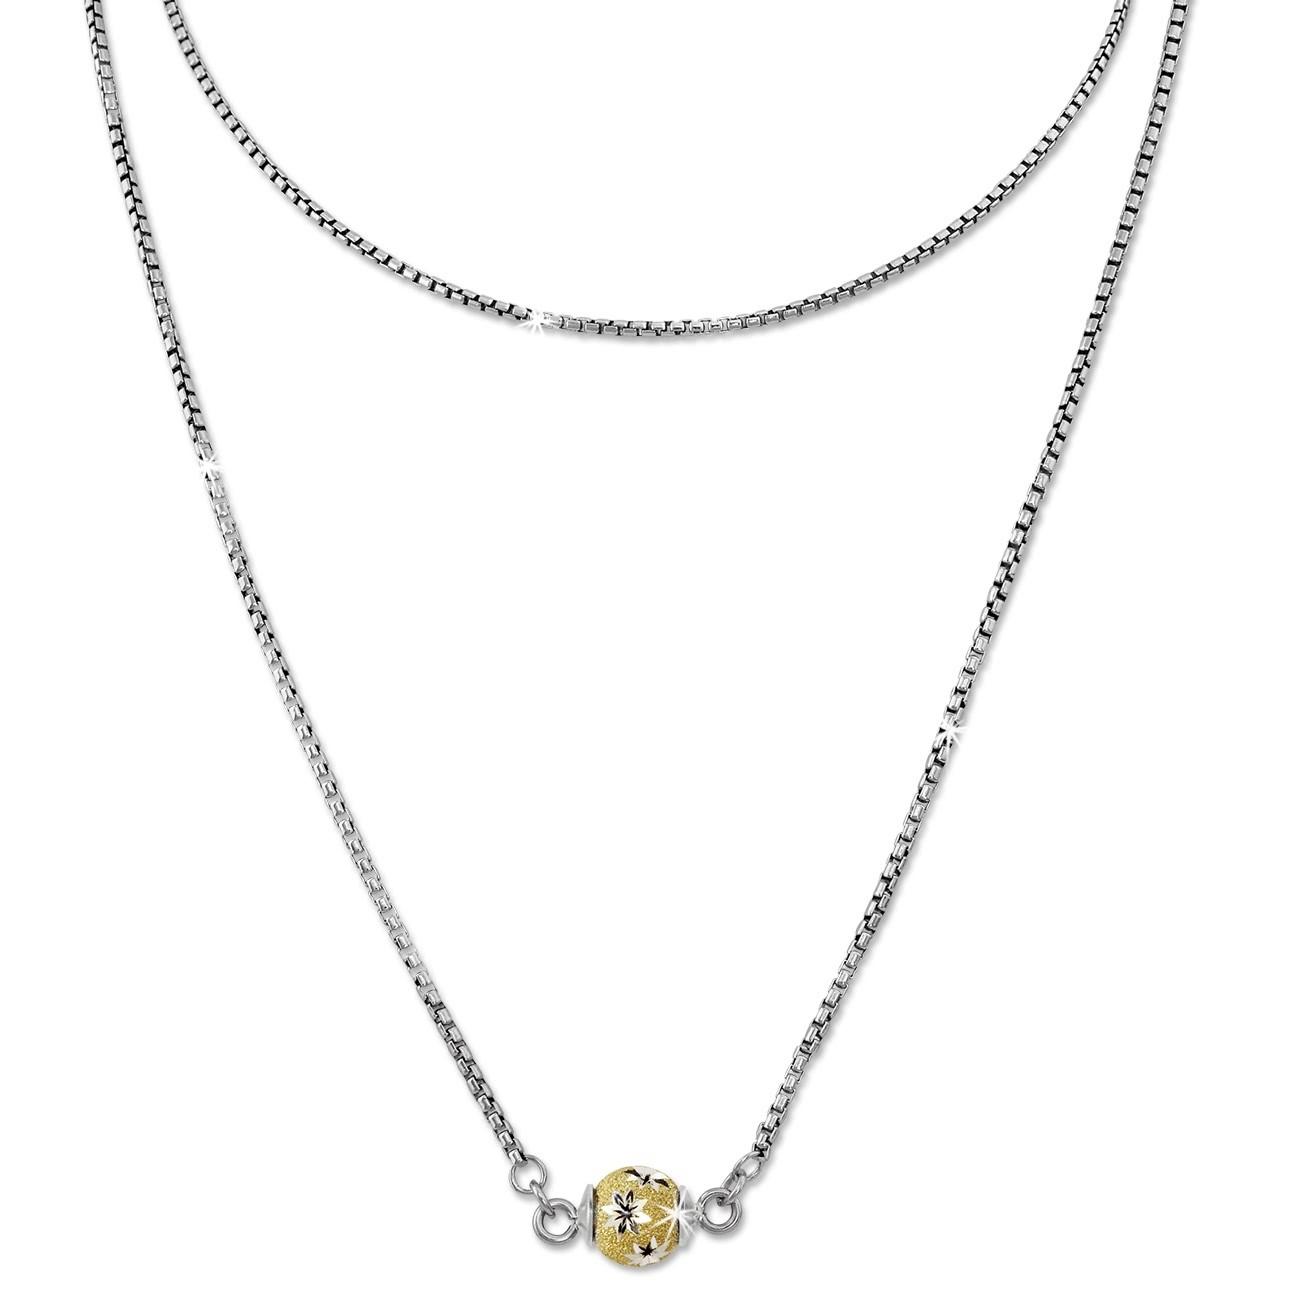 SilberDream Collier Kette Kugel Blumen vergoldet 925 Silber Damen 45cm SDK24845Y